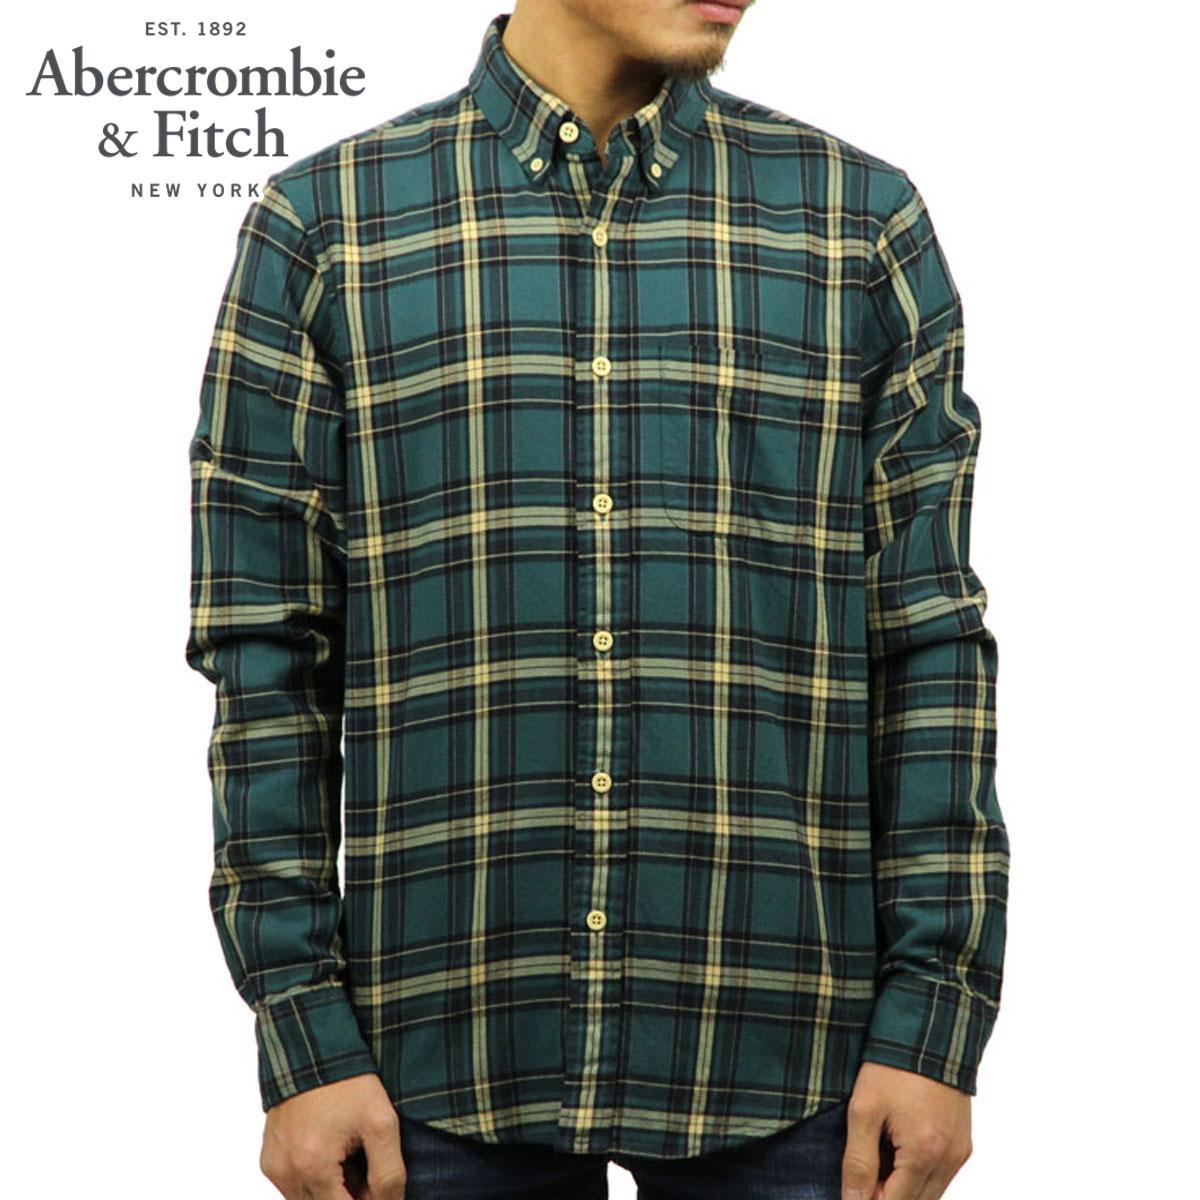 アバクロ Abercrombie&Fitch 正規品 メンズ 長袖シャツ WASHED FLANNEL SHIRT 125-168-2615-308 D00S20